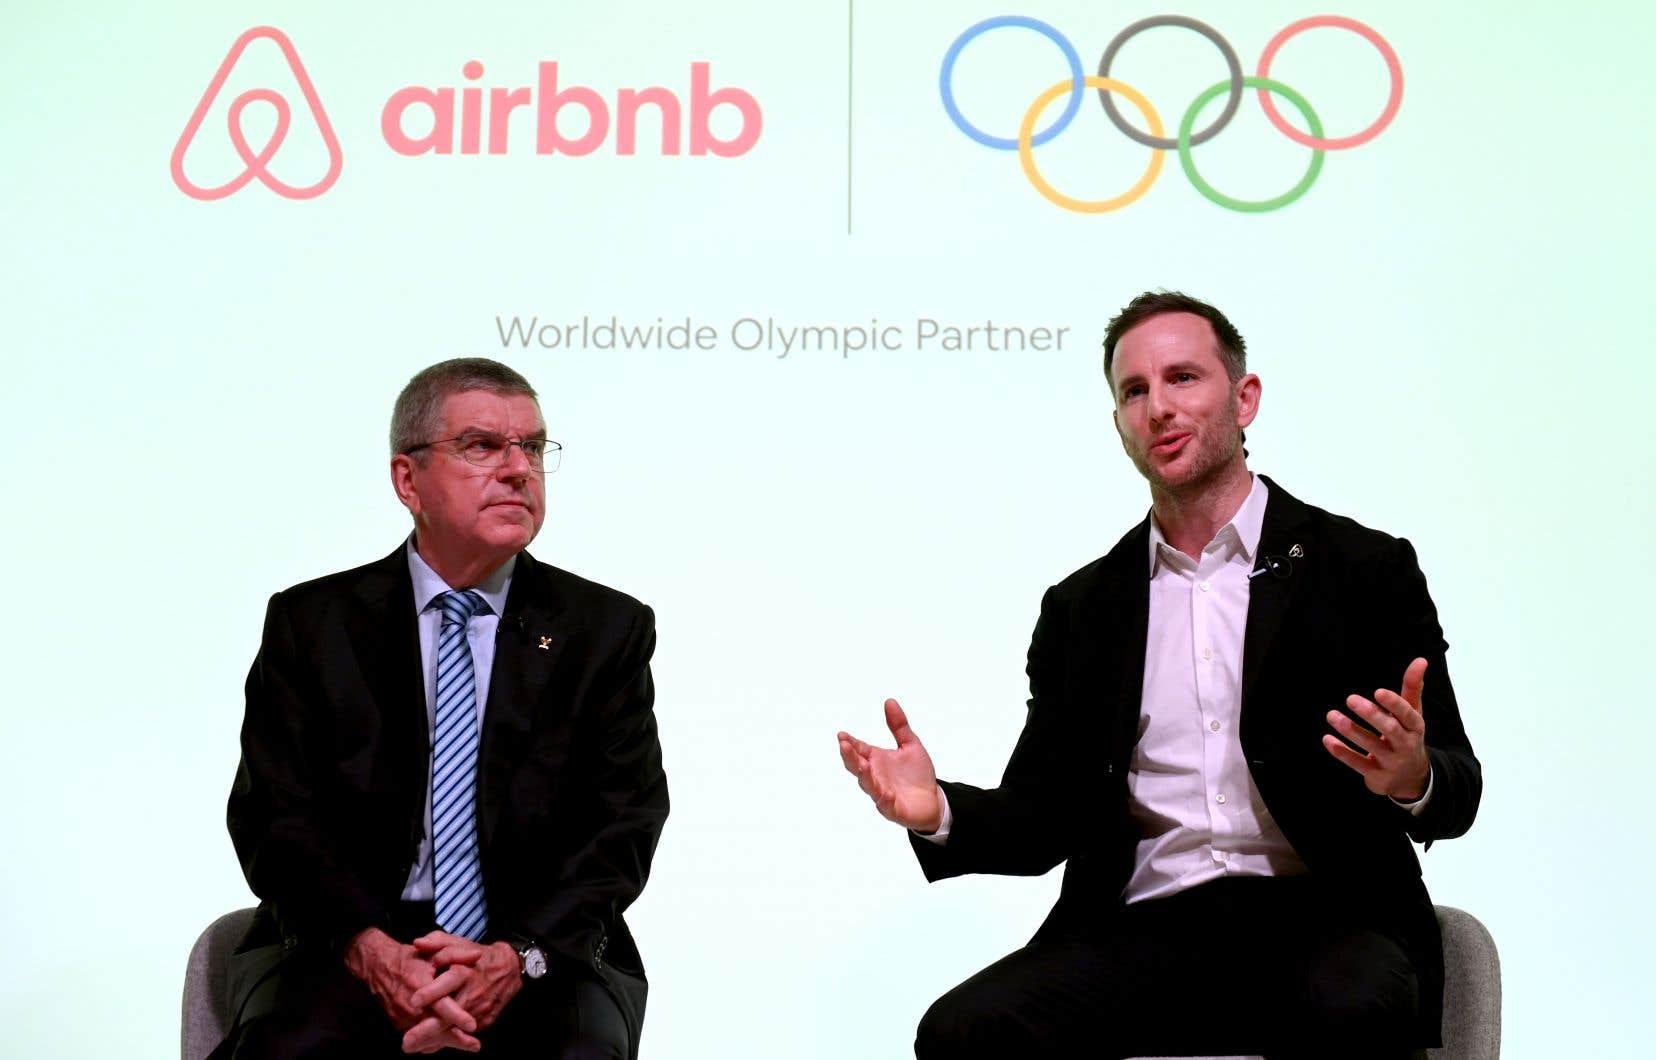 Le président du Comité international olympique (CIO), Thomas Bach (à gauche), et le cofondateur d'Airbnb, Joe Gebbia, prennent la parole lors d'un événement à Londres pour annoncer qu'Airbnb serait l'un des principaux partenaires des Jeux olympiques.